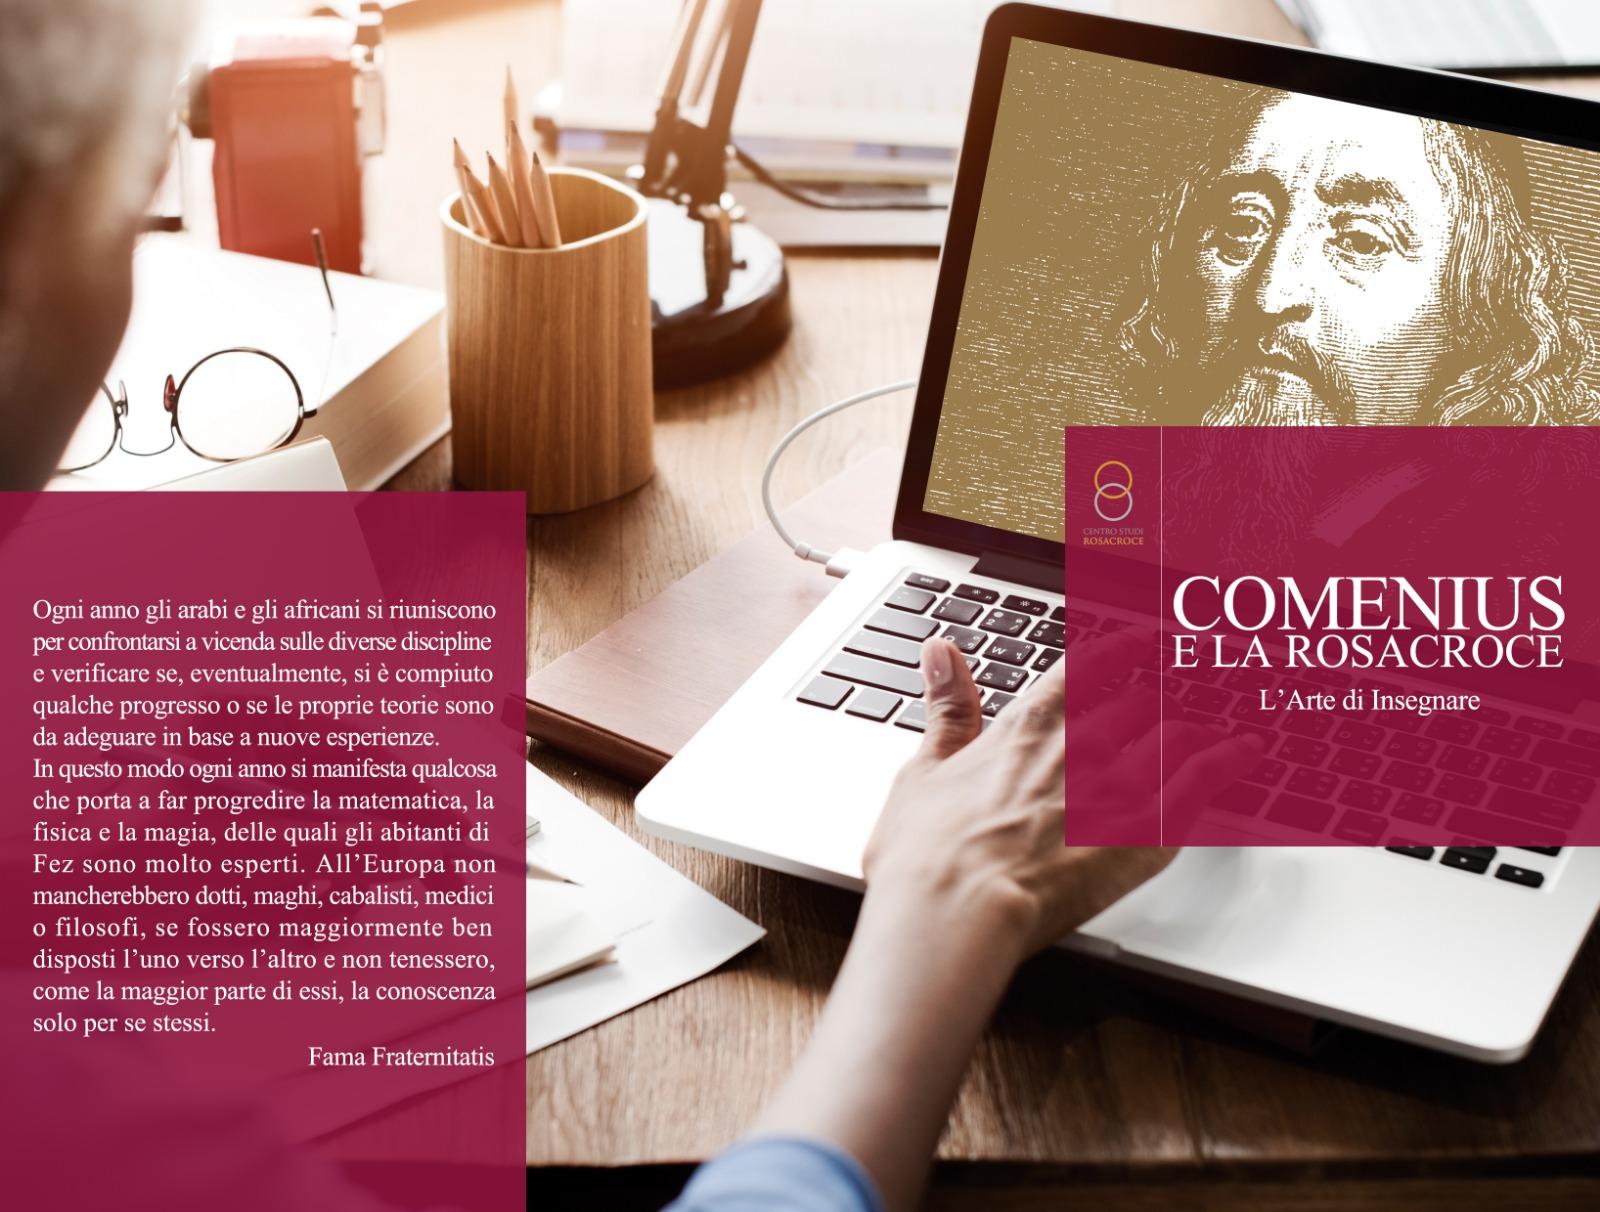 COMENIUS E LA ROSACROCE - L'arte di insegnare